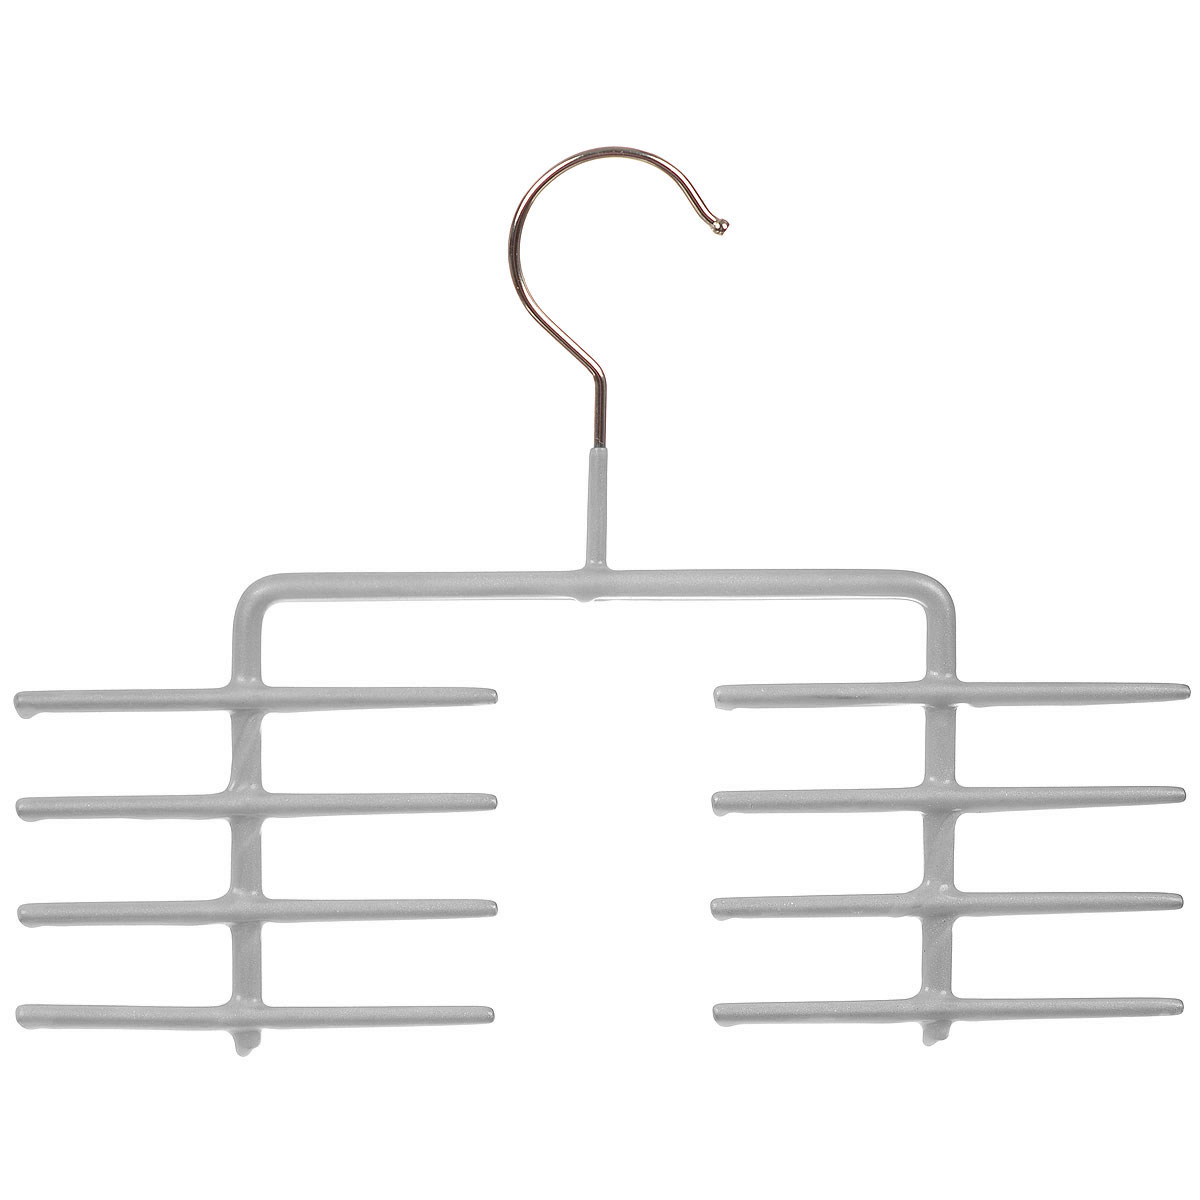 Вешалка для галстуков Cosatto, цвет: серыйCOVLPA6101_серыйВешалка для галстуков Cosatto изготовлена из металла с антискользящим покрытием. Имеет 8 перекладин для галстуков, шарфов и других аксессуаров. Вешалка - это необходимый аксессуар для аккуратного хранения вещей.